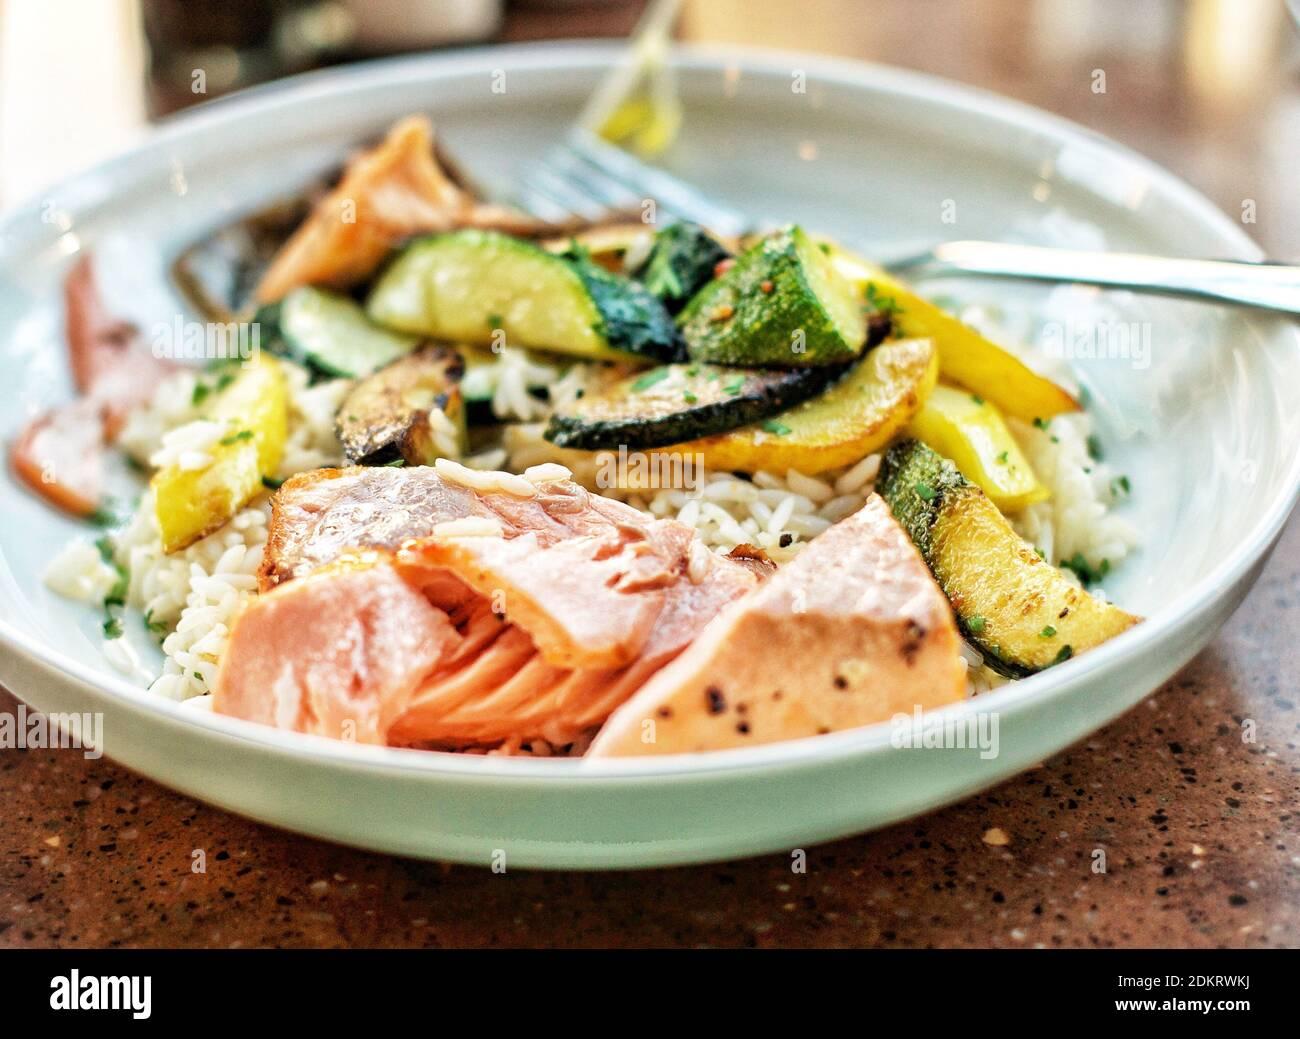 Nahaufnahme einer Mahlzeit mit glutenfreiem Lachs, serviert auf dem Teller Stockfoto